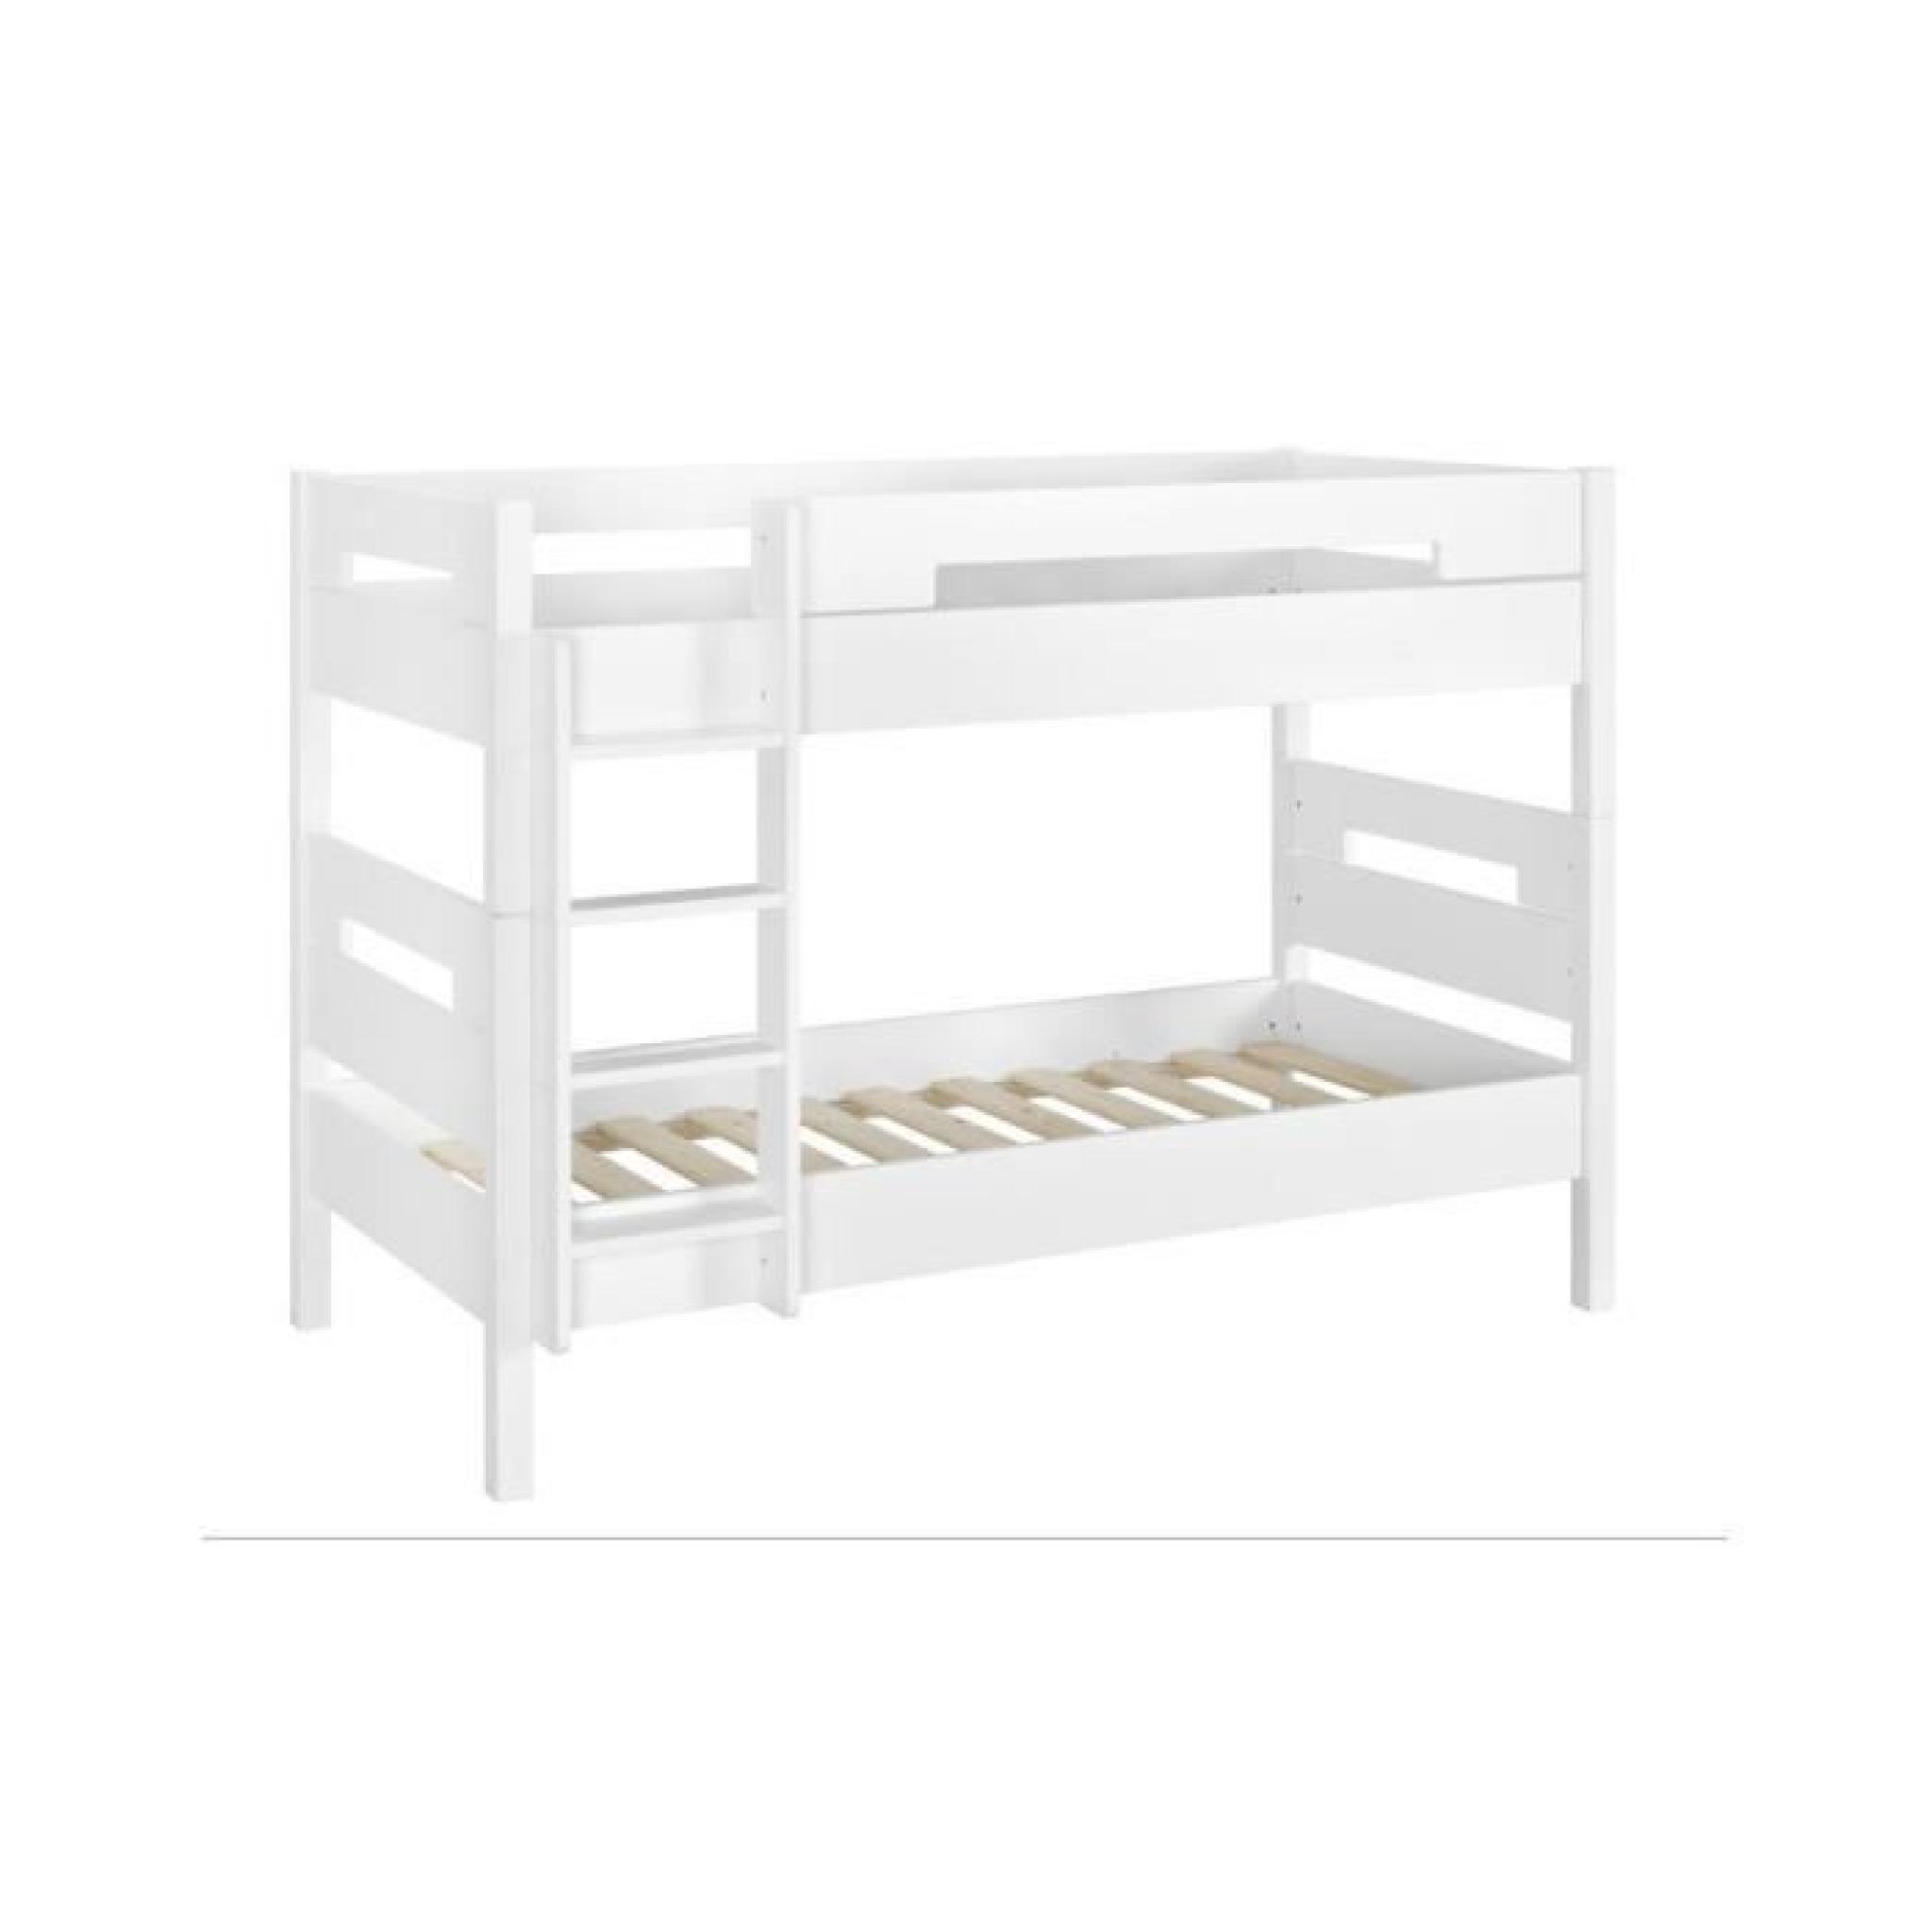 lit superpos 90x190 victoria blanc achat vente lit superpose pas cher couleur et. Black Bedroom Furniture Sets. Home Design Ideas